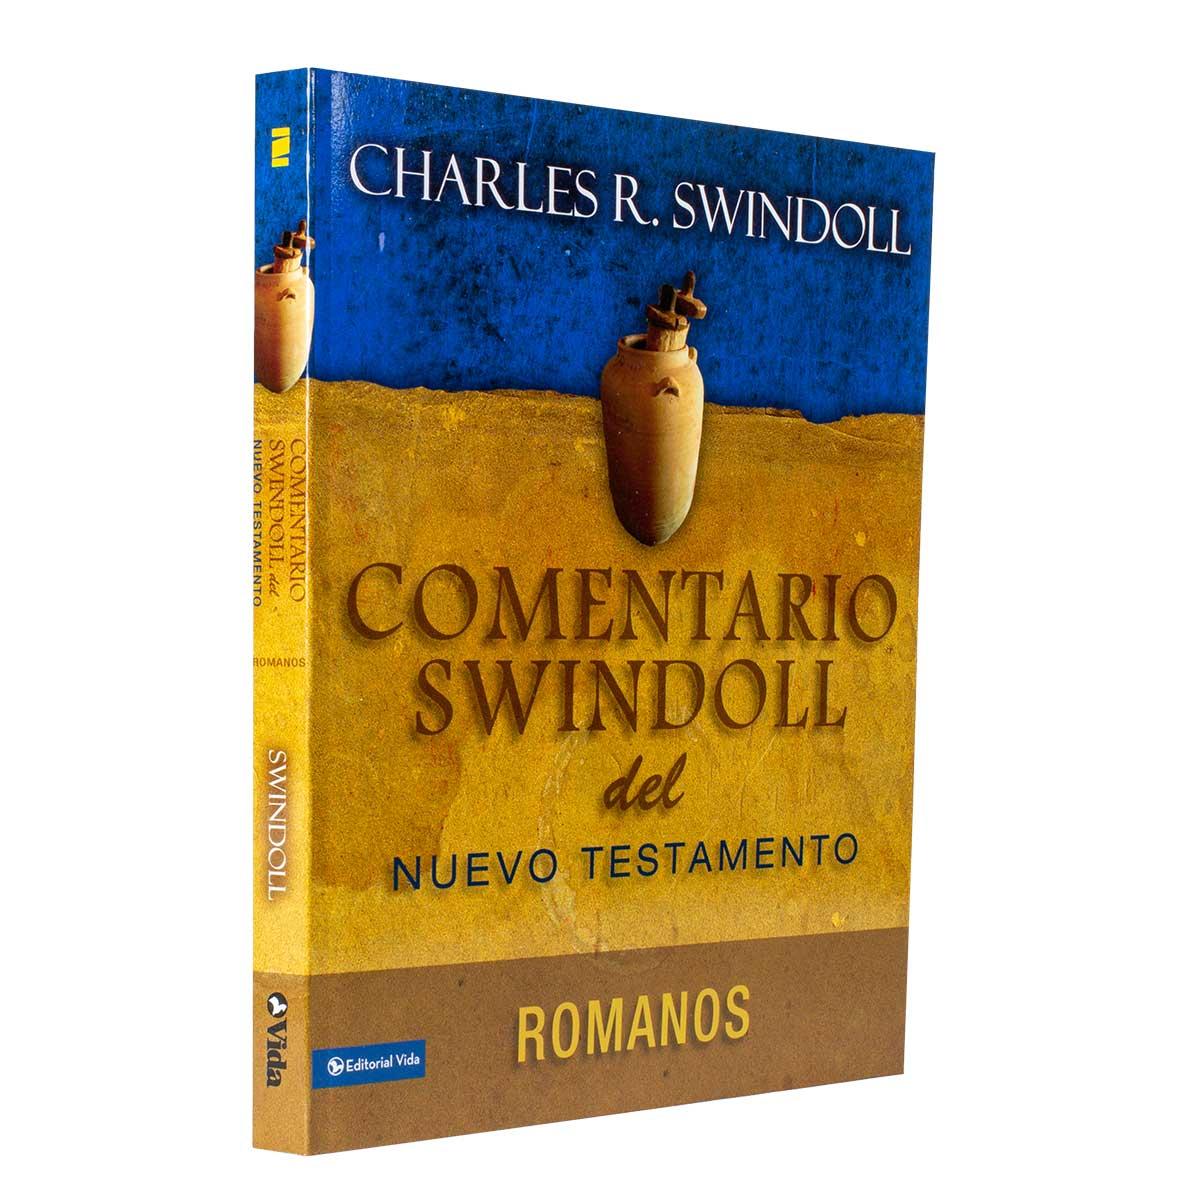 Comentario Swindoll - Romano